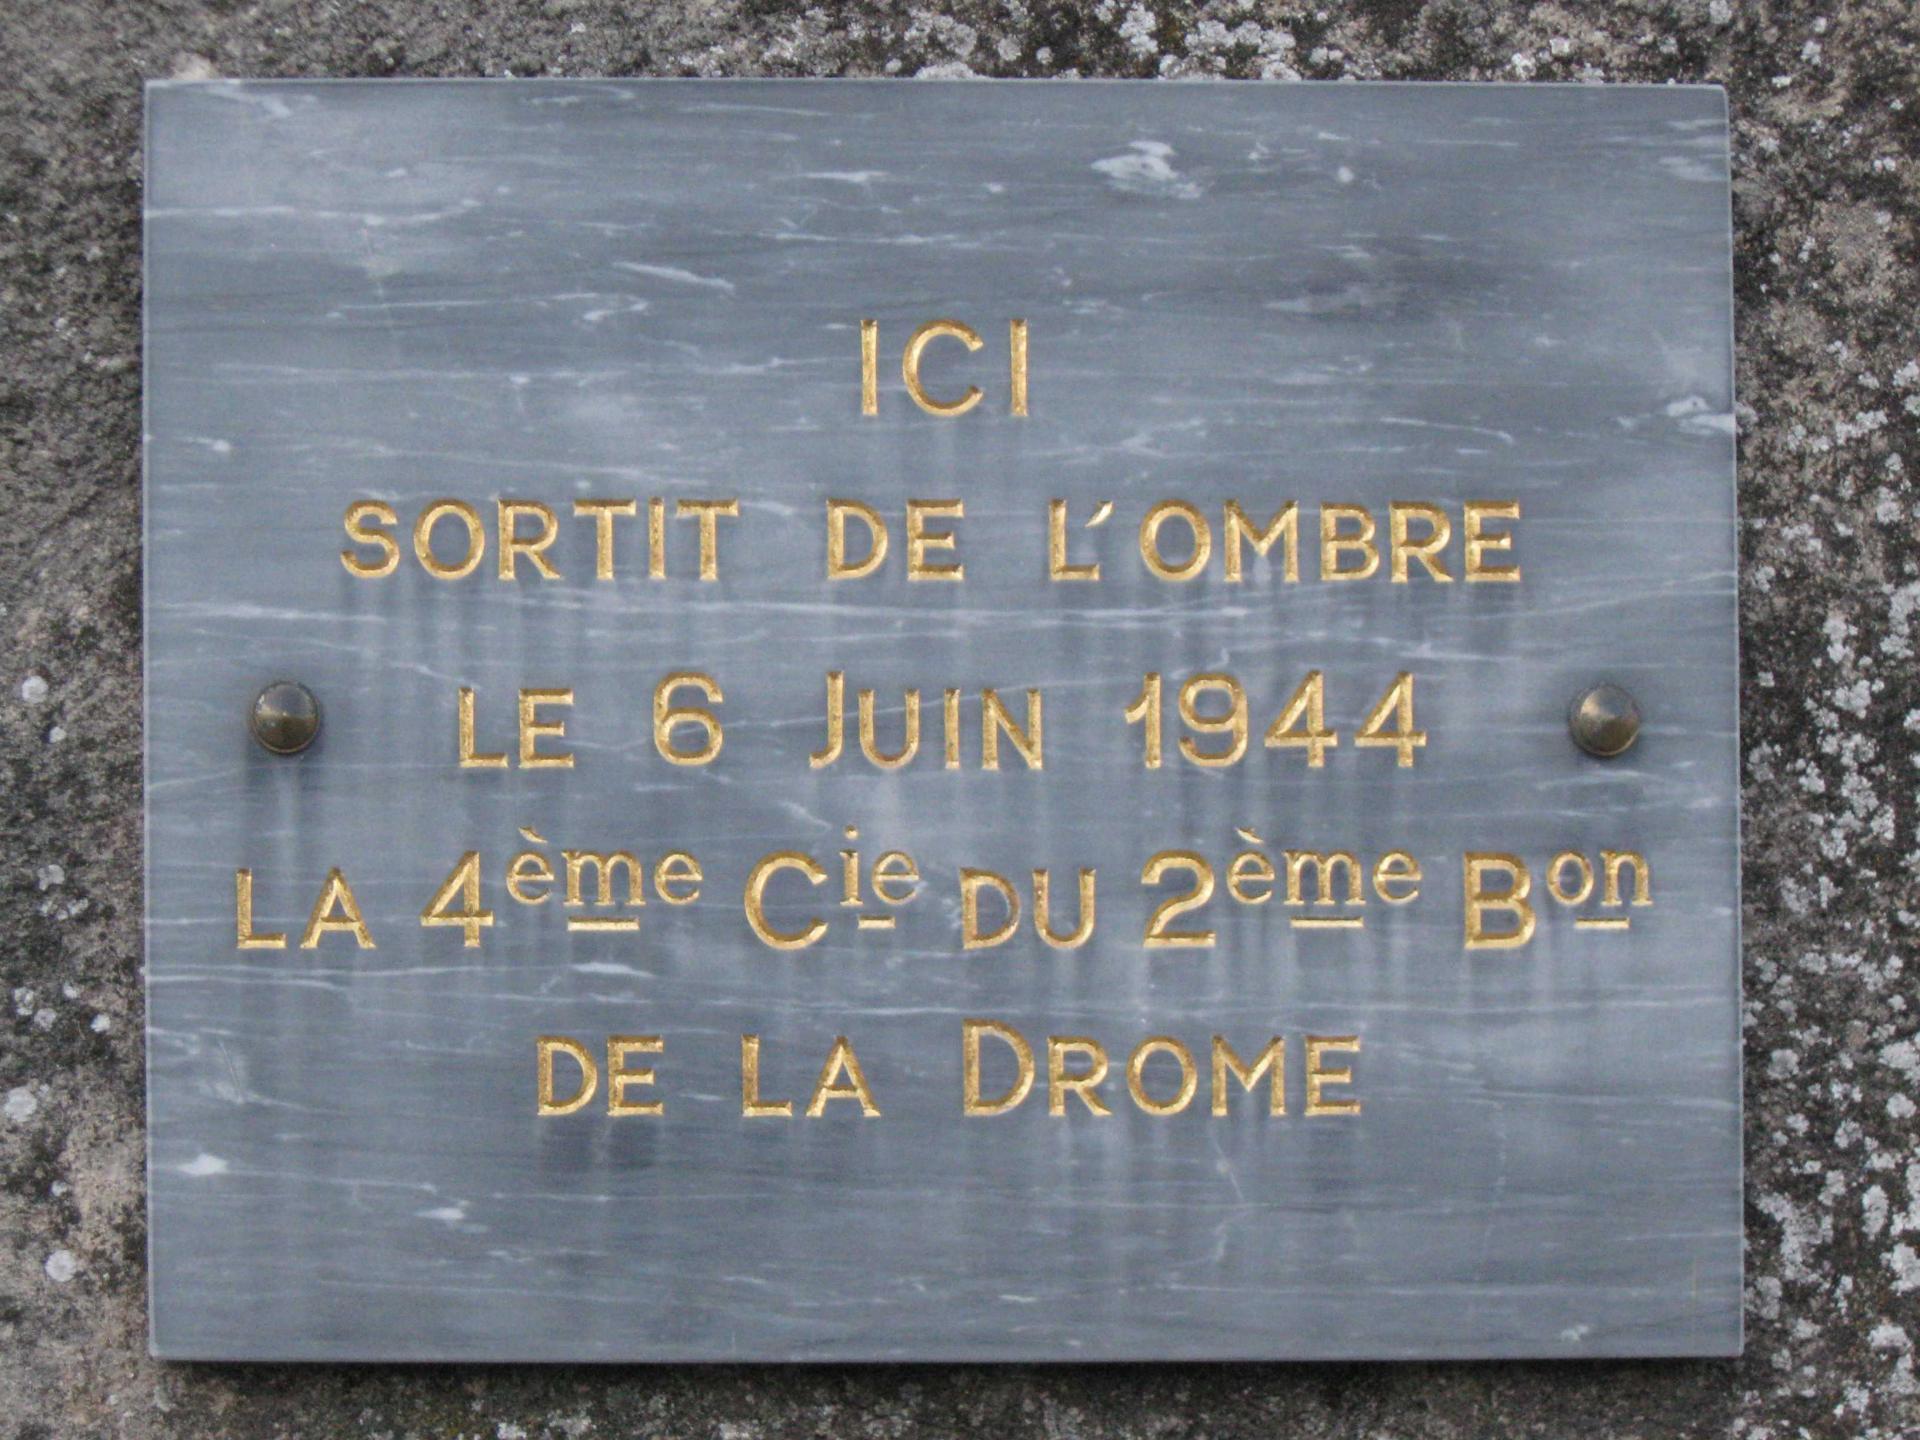 Etoile-sur-Rhône, 4ème compagnie FFI de la Drôme